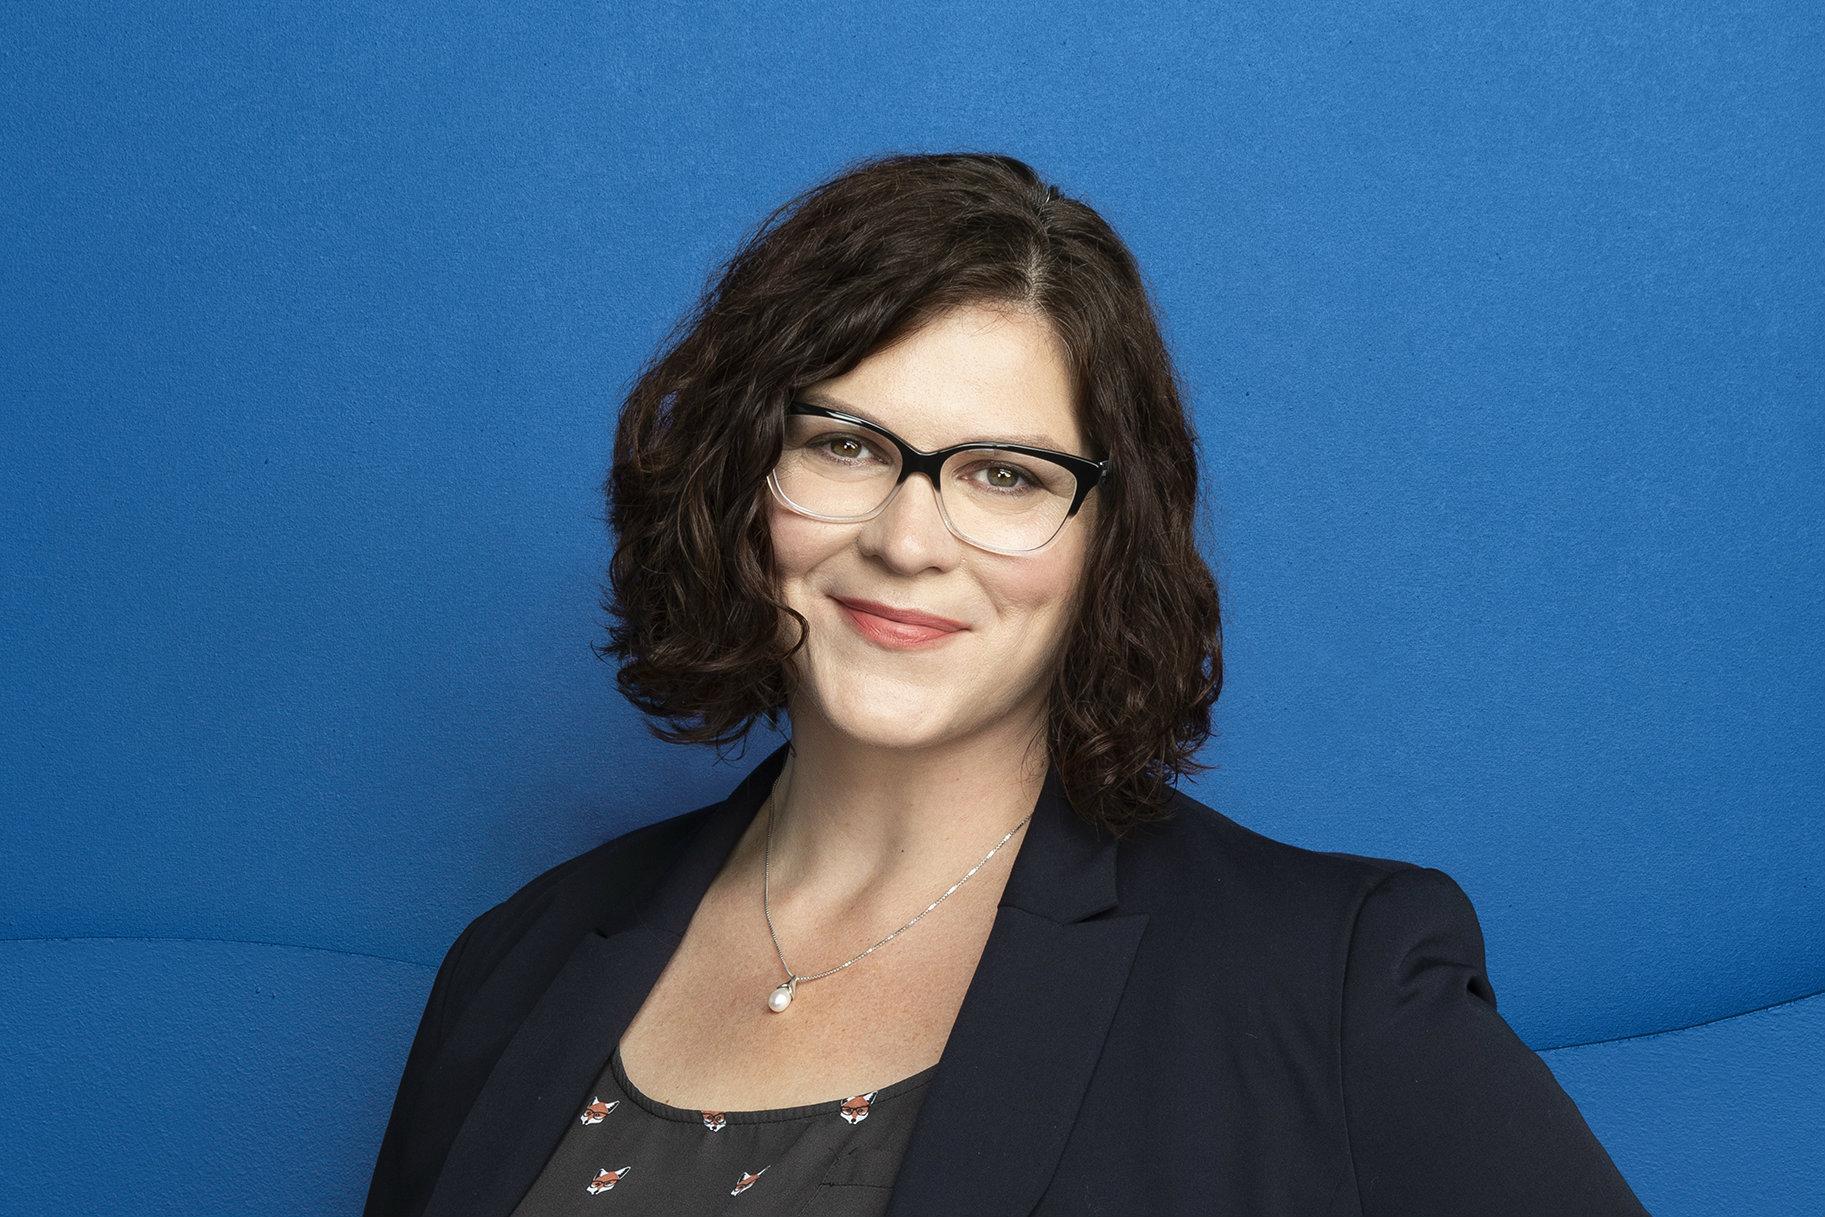 打造一個讓科技女性鍛鍊領導力的社群-專訪Women Who Code Interim CEO Joey Rosenberg